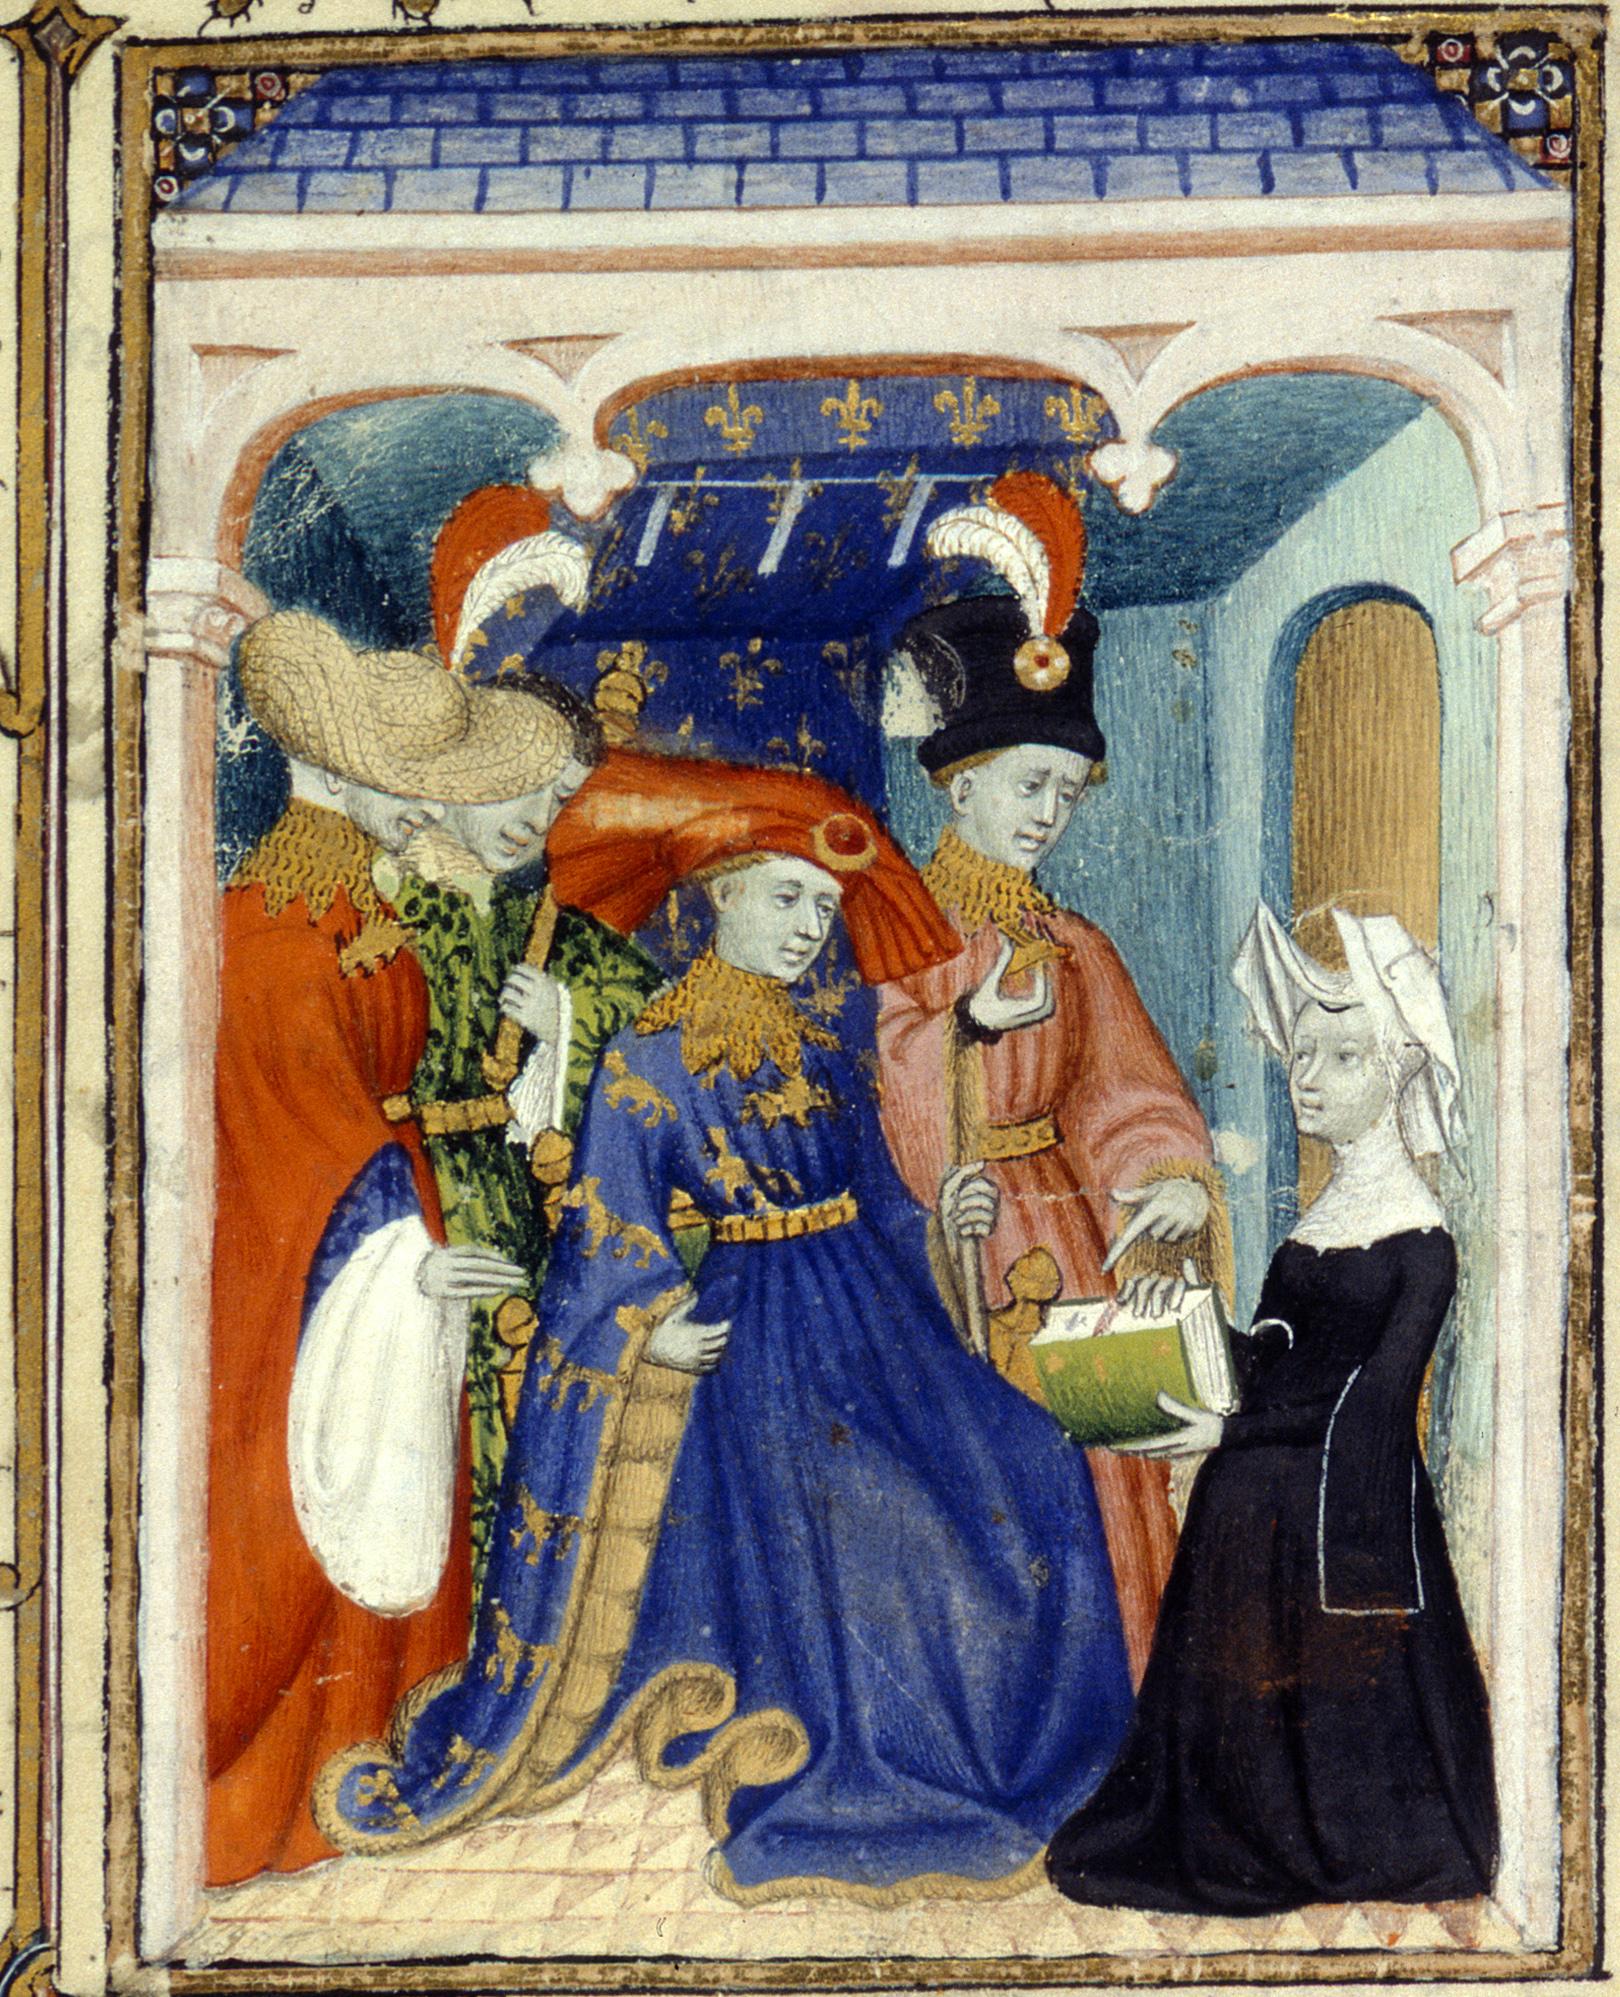 Depiction of Luis de Valois